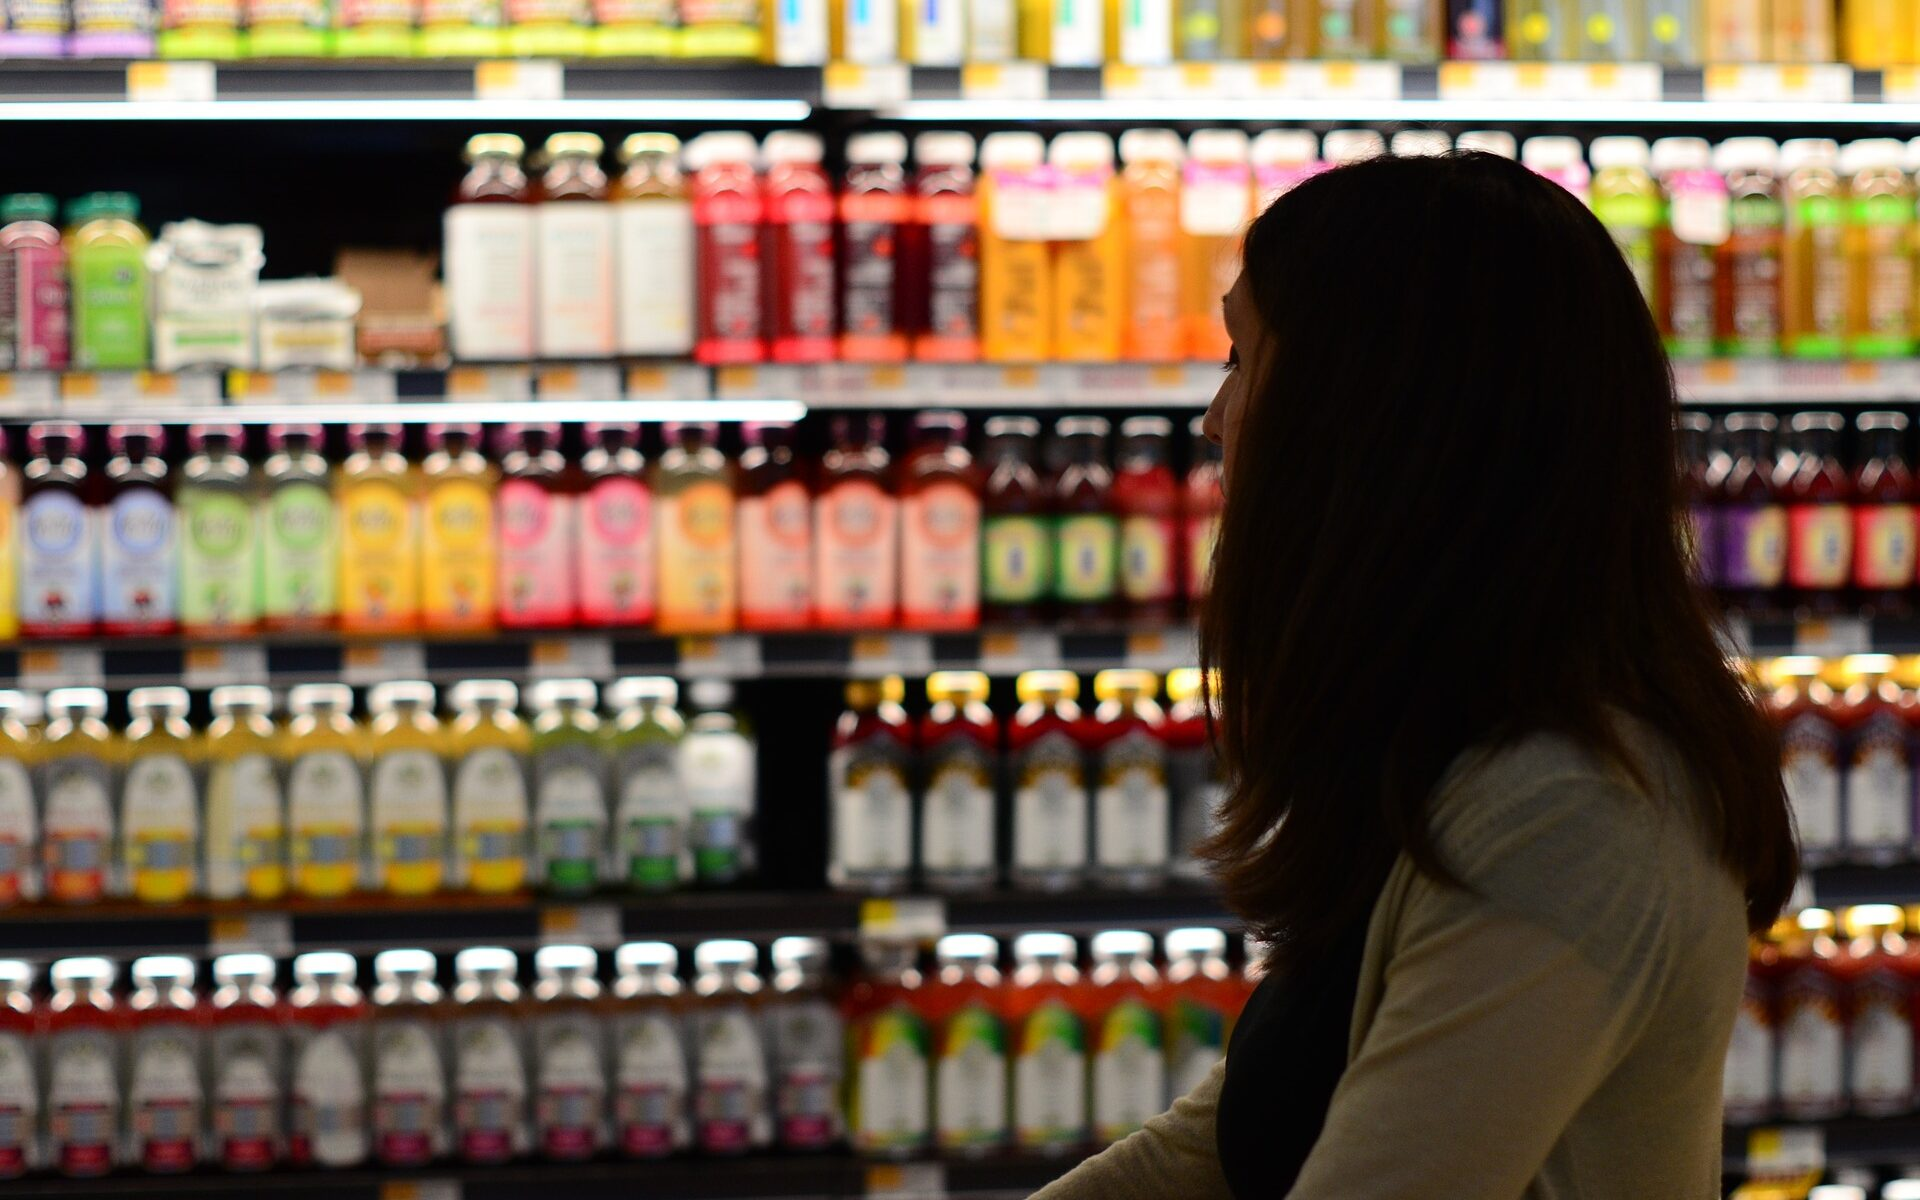 Mulher olhando prateleira de mercado